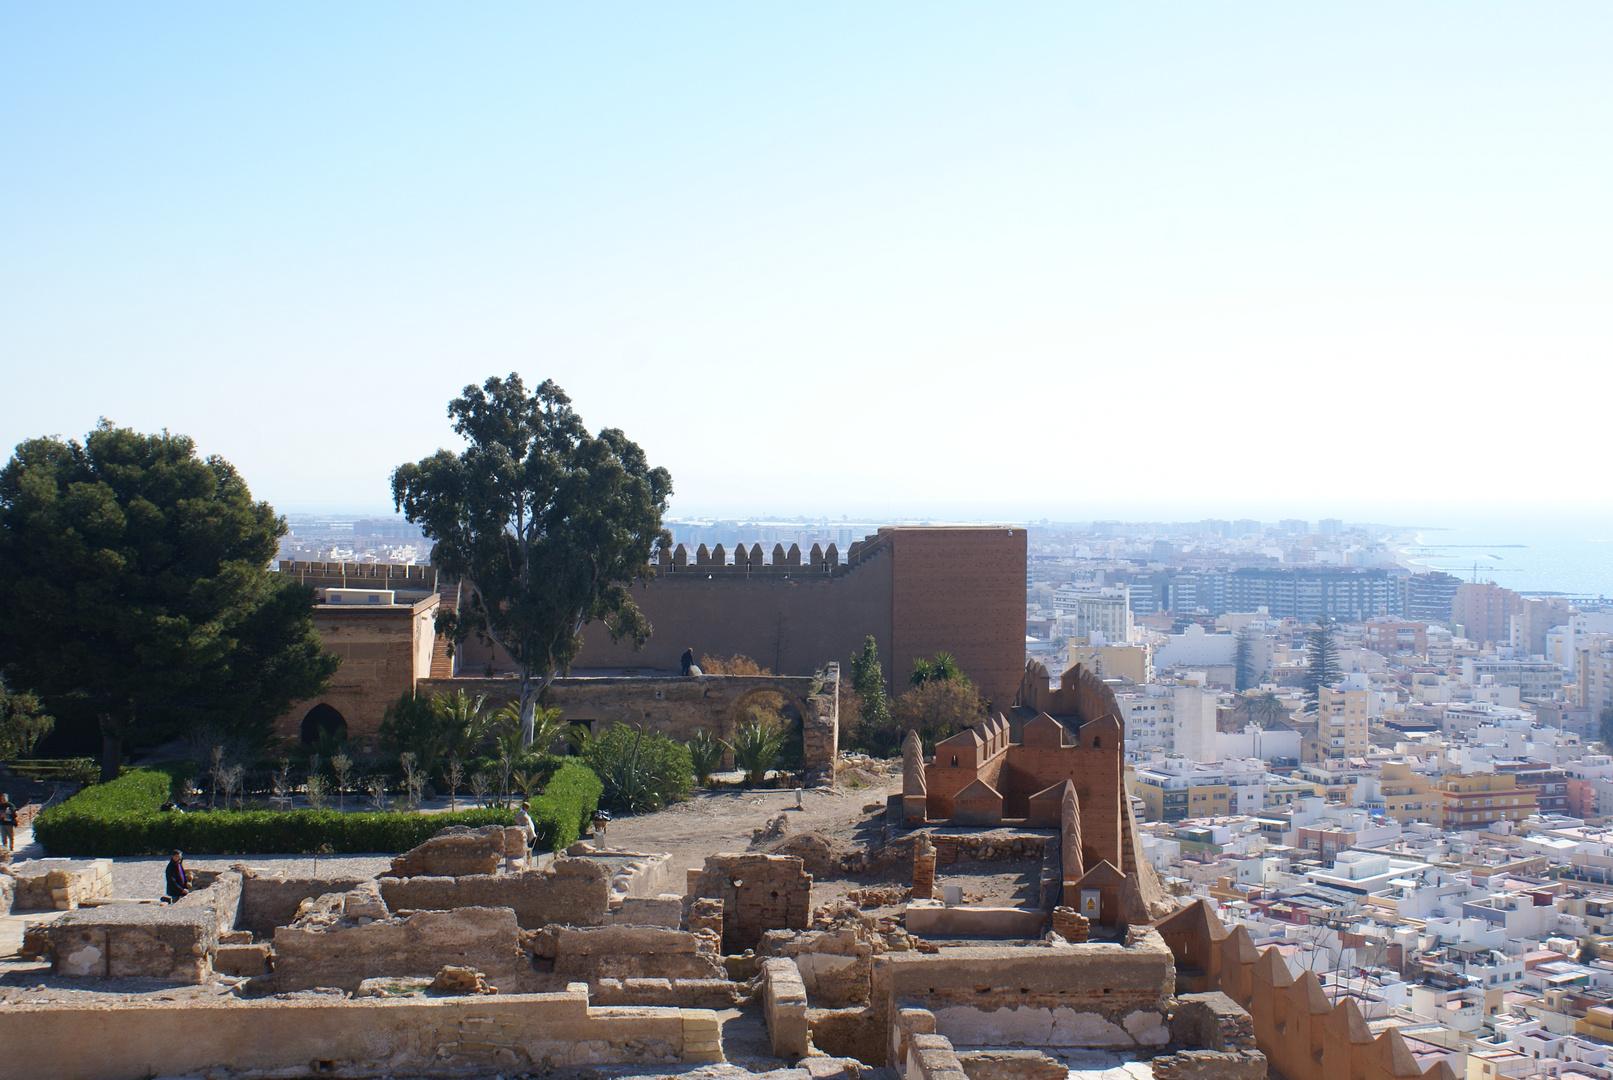 almeria ciudad y monumento